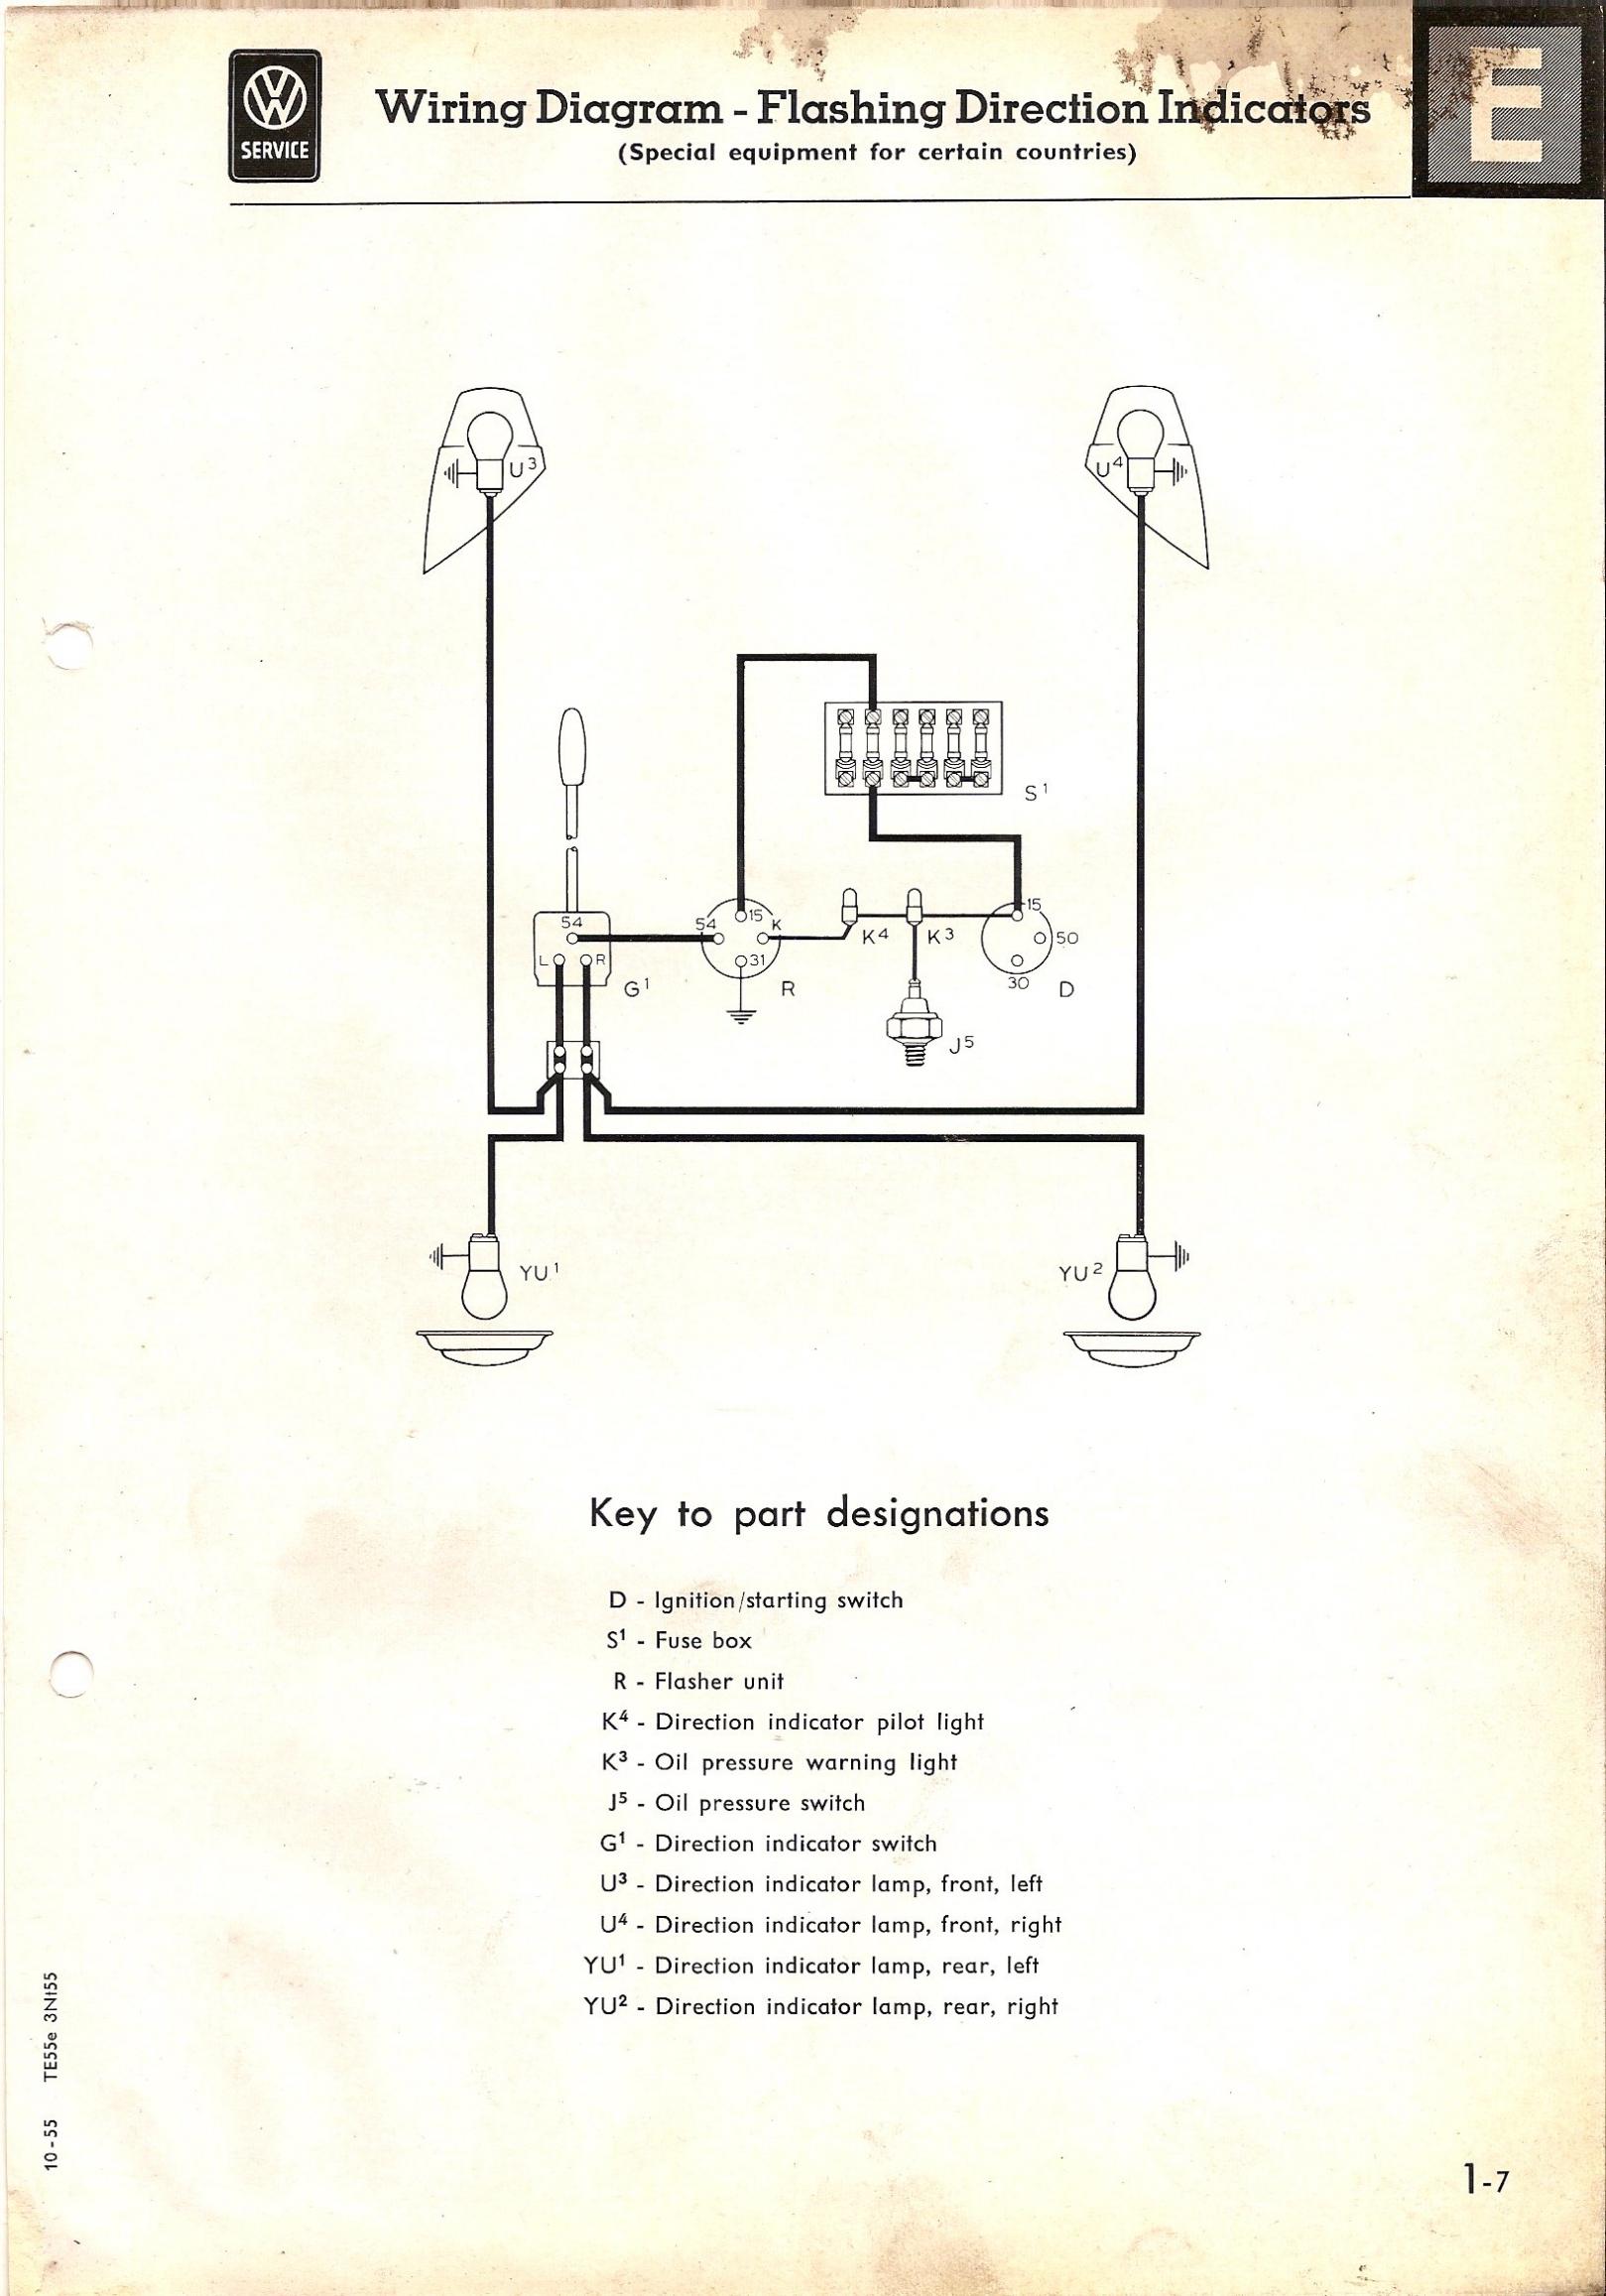 4 Pole Starter Solenoid Wiring Diagram – Wiring Diagram Starter - 4 Pole Starter Solenoid Wiring Diagram